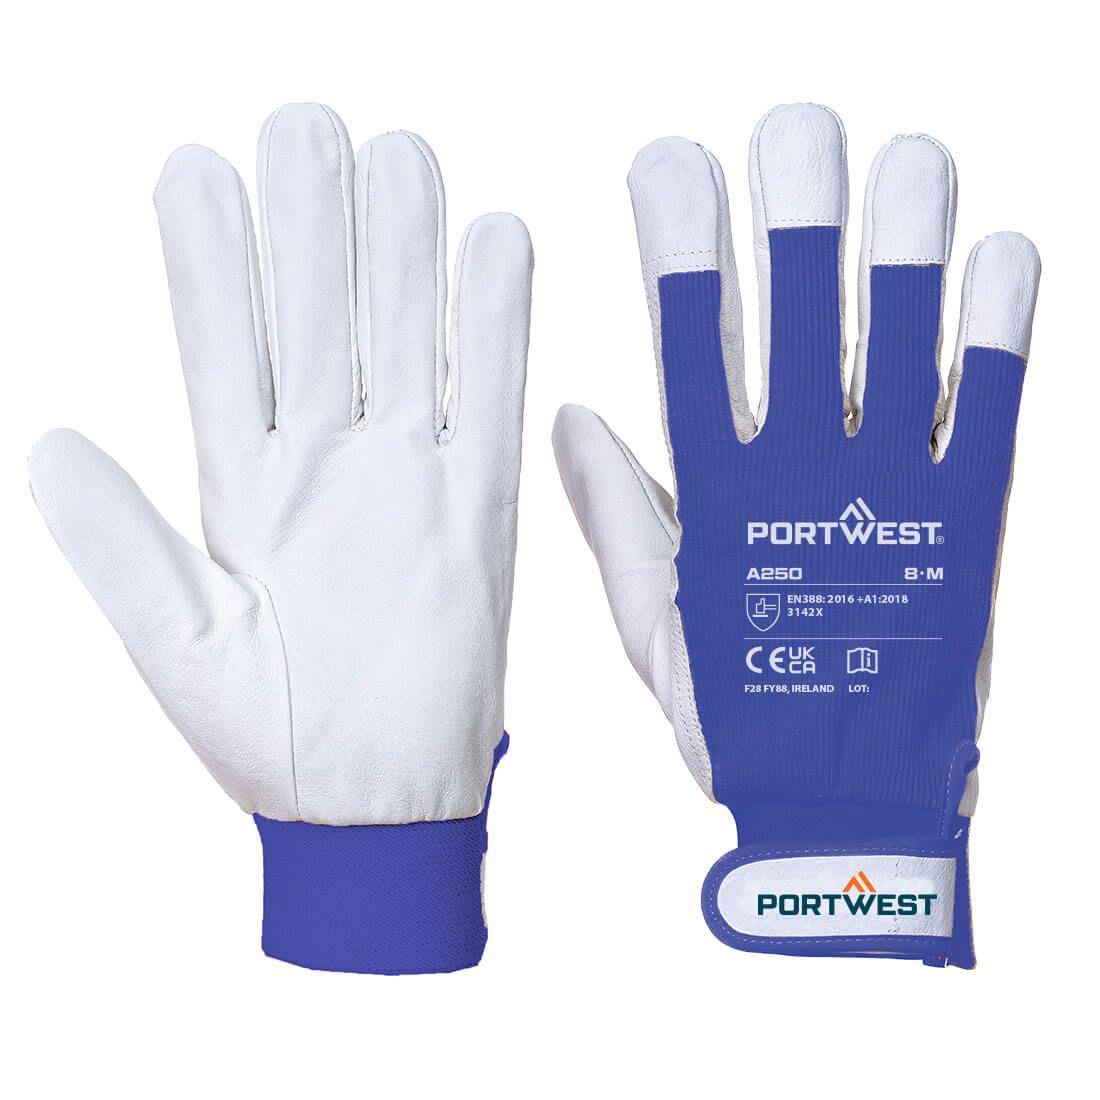 Portwest Handschoenen A250 blauw(BL)